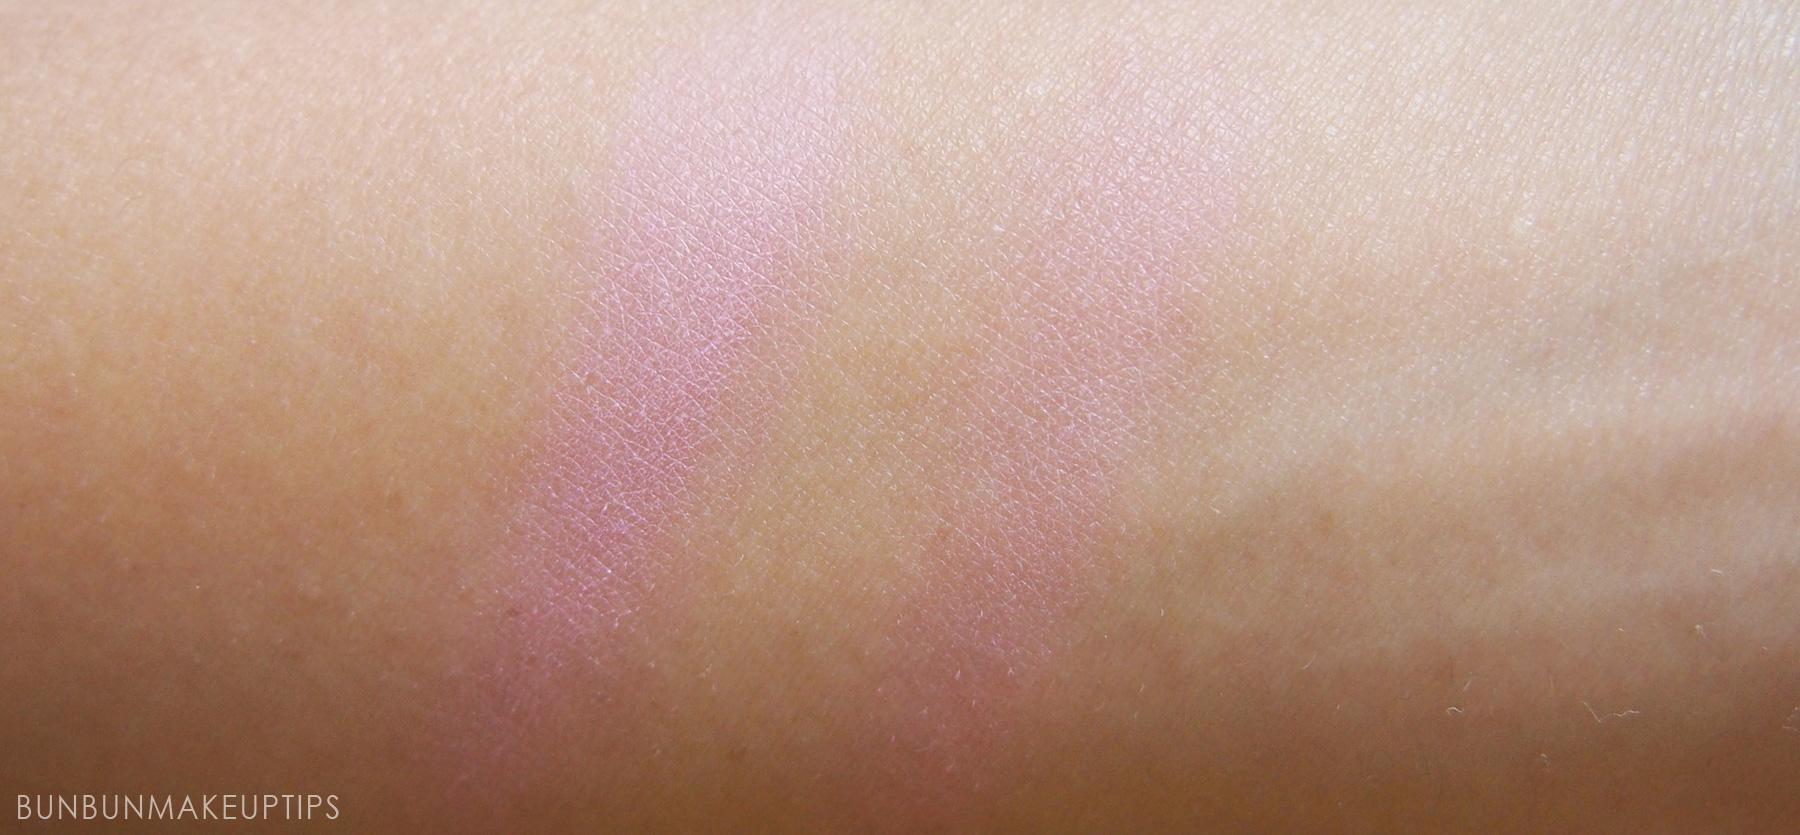 Dior-Rosy-Glow-Healthy-Glow-Awakening-Blush-Review_Swatch